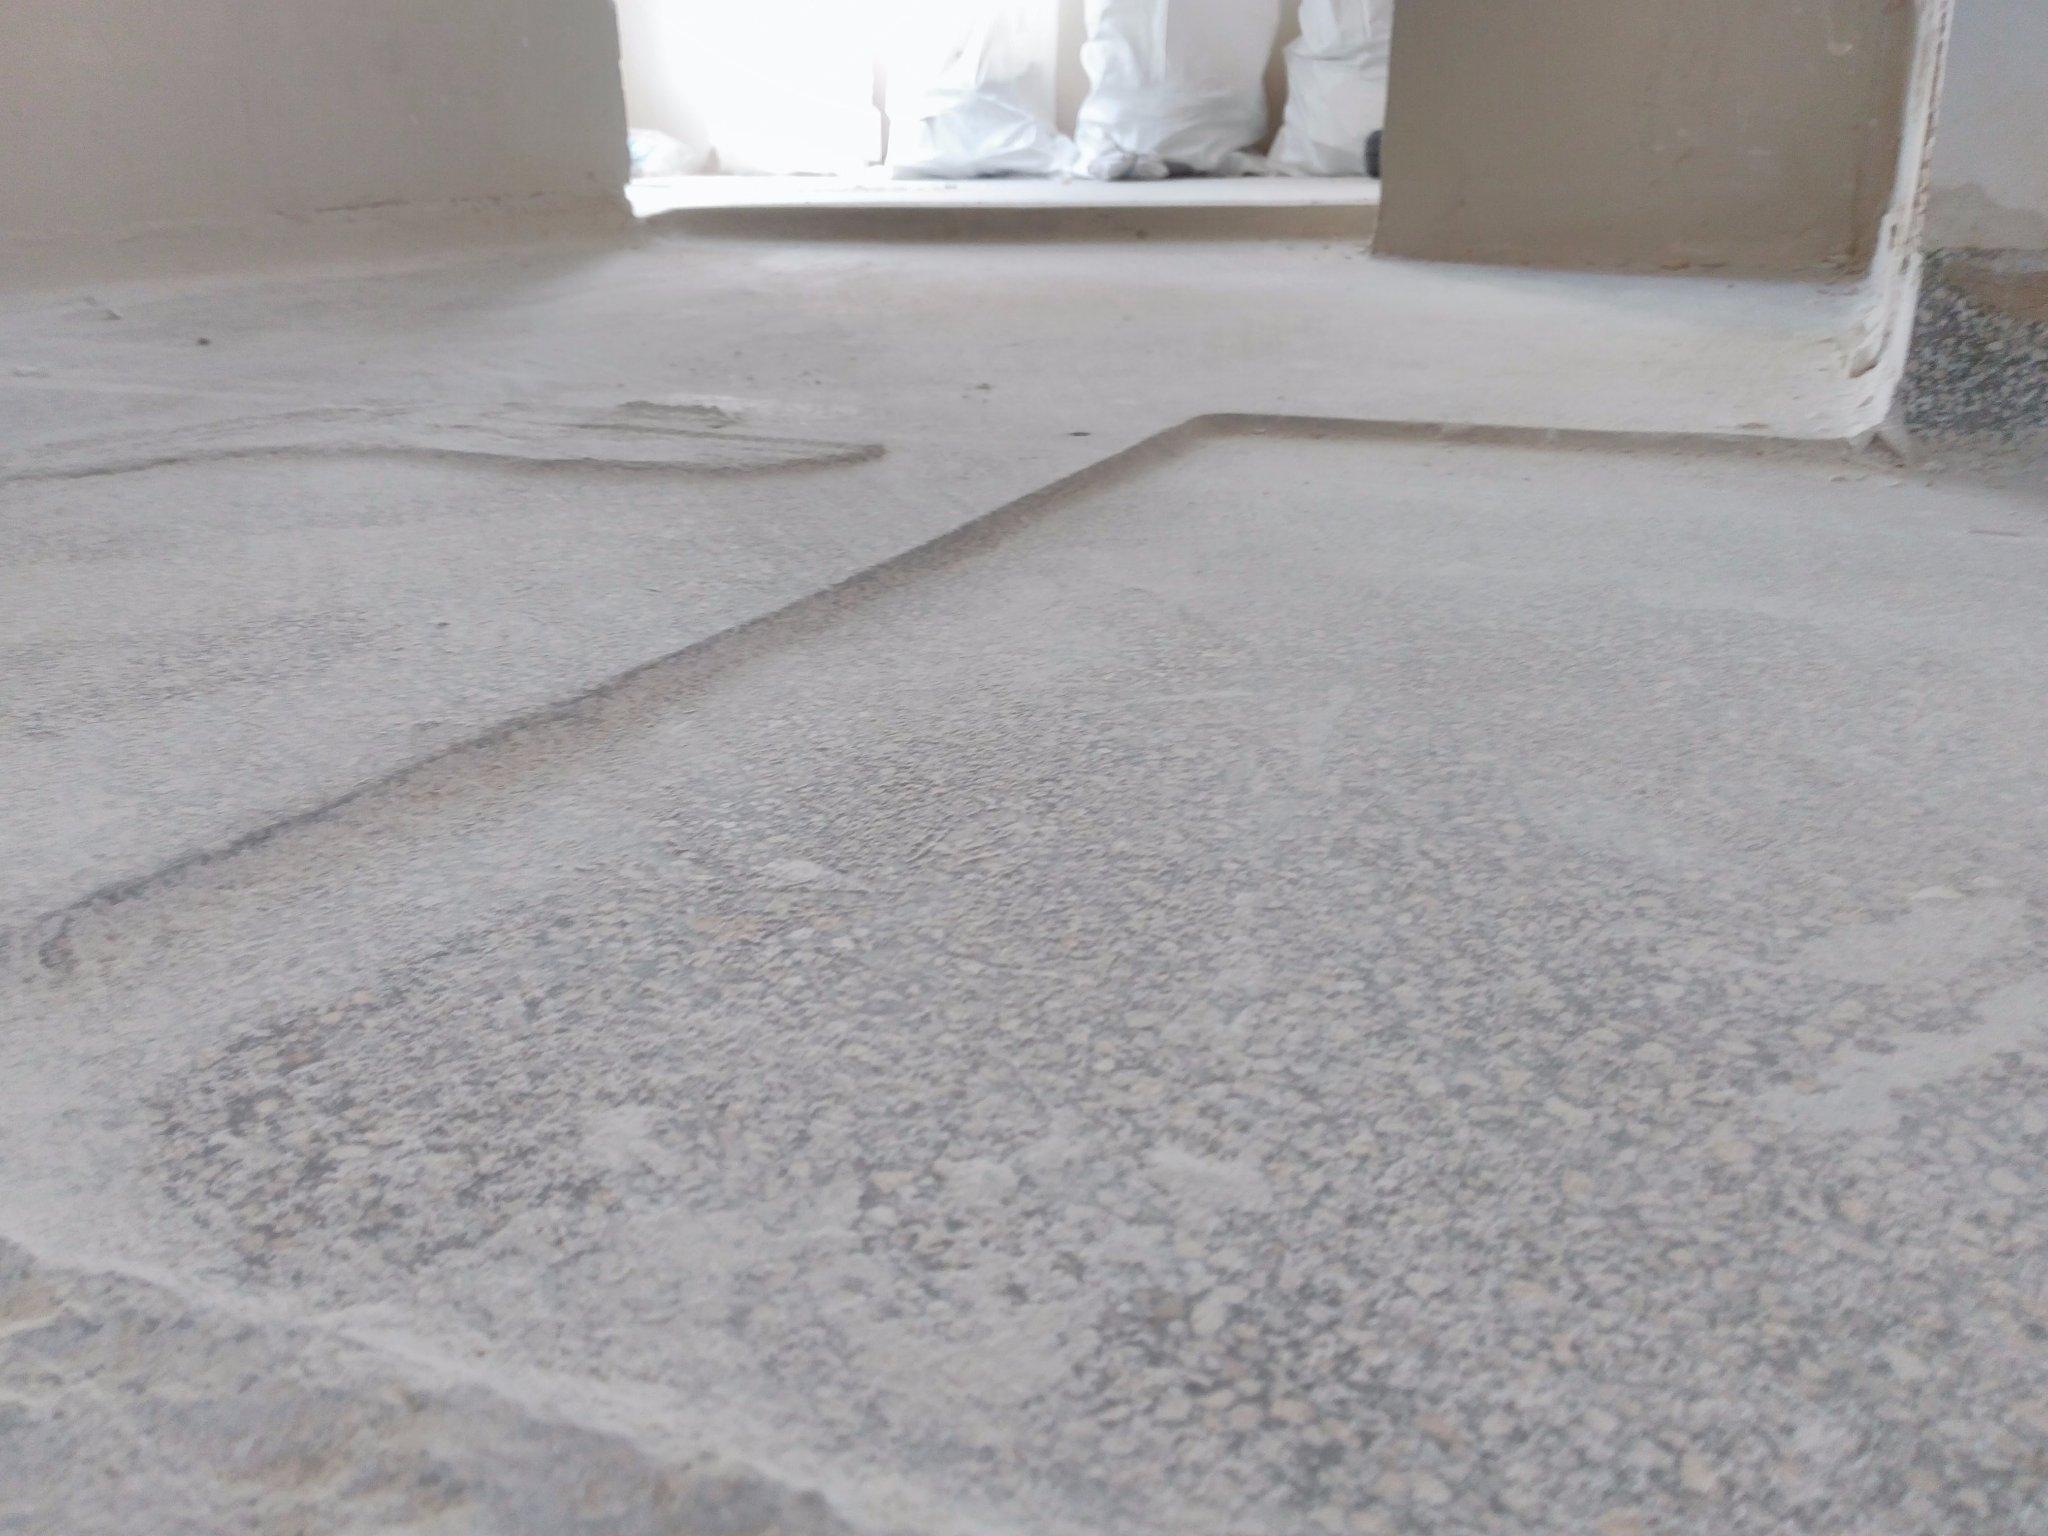 Top Oude granieten douche vloer verwijderen - Werkspot MA57